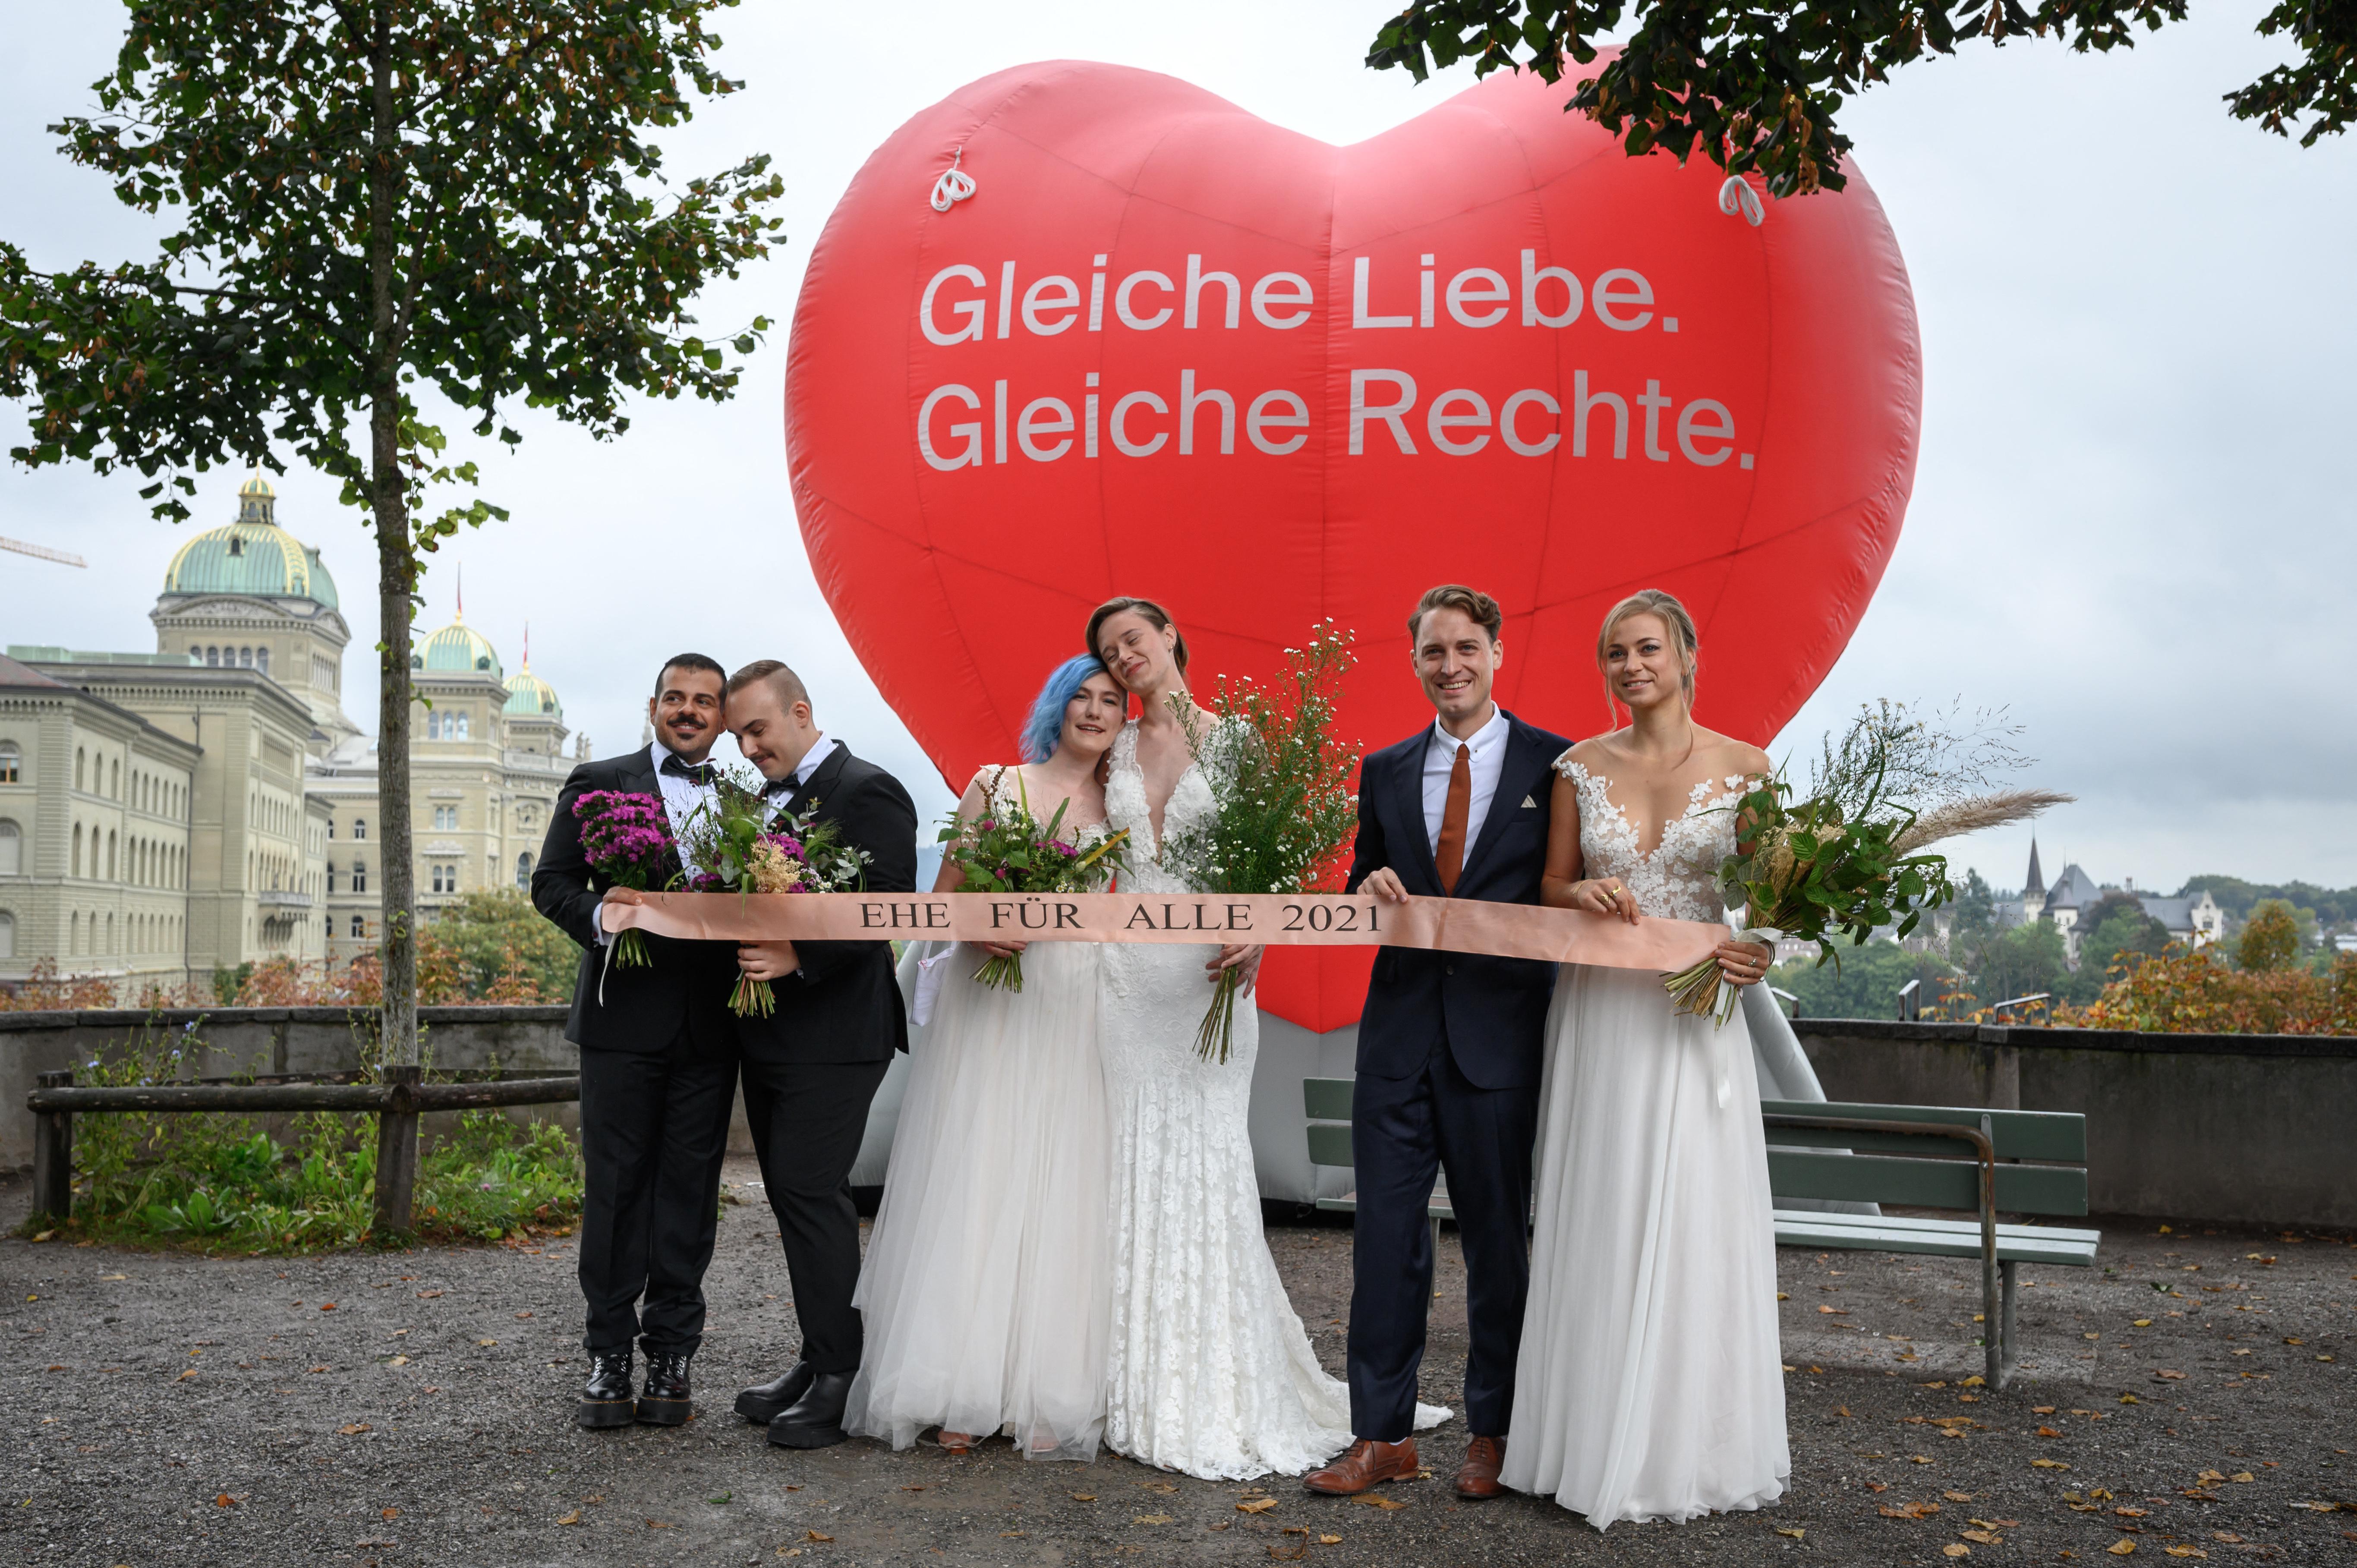 Úgy tűnik, Svájcban megszavazzák a melegházasságot